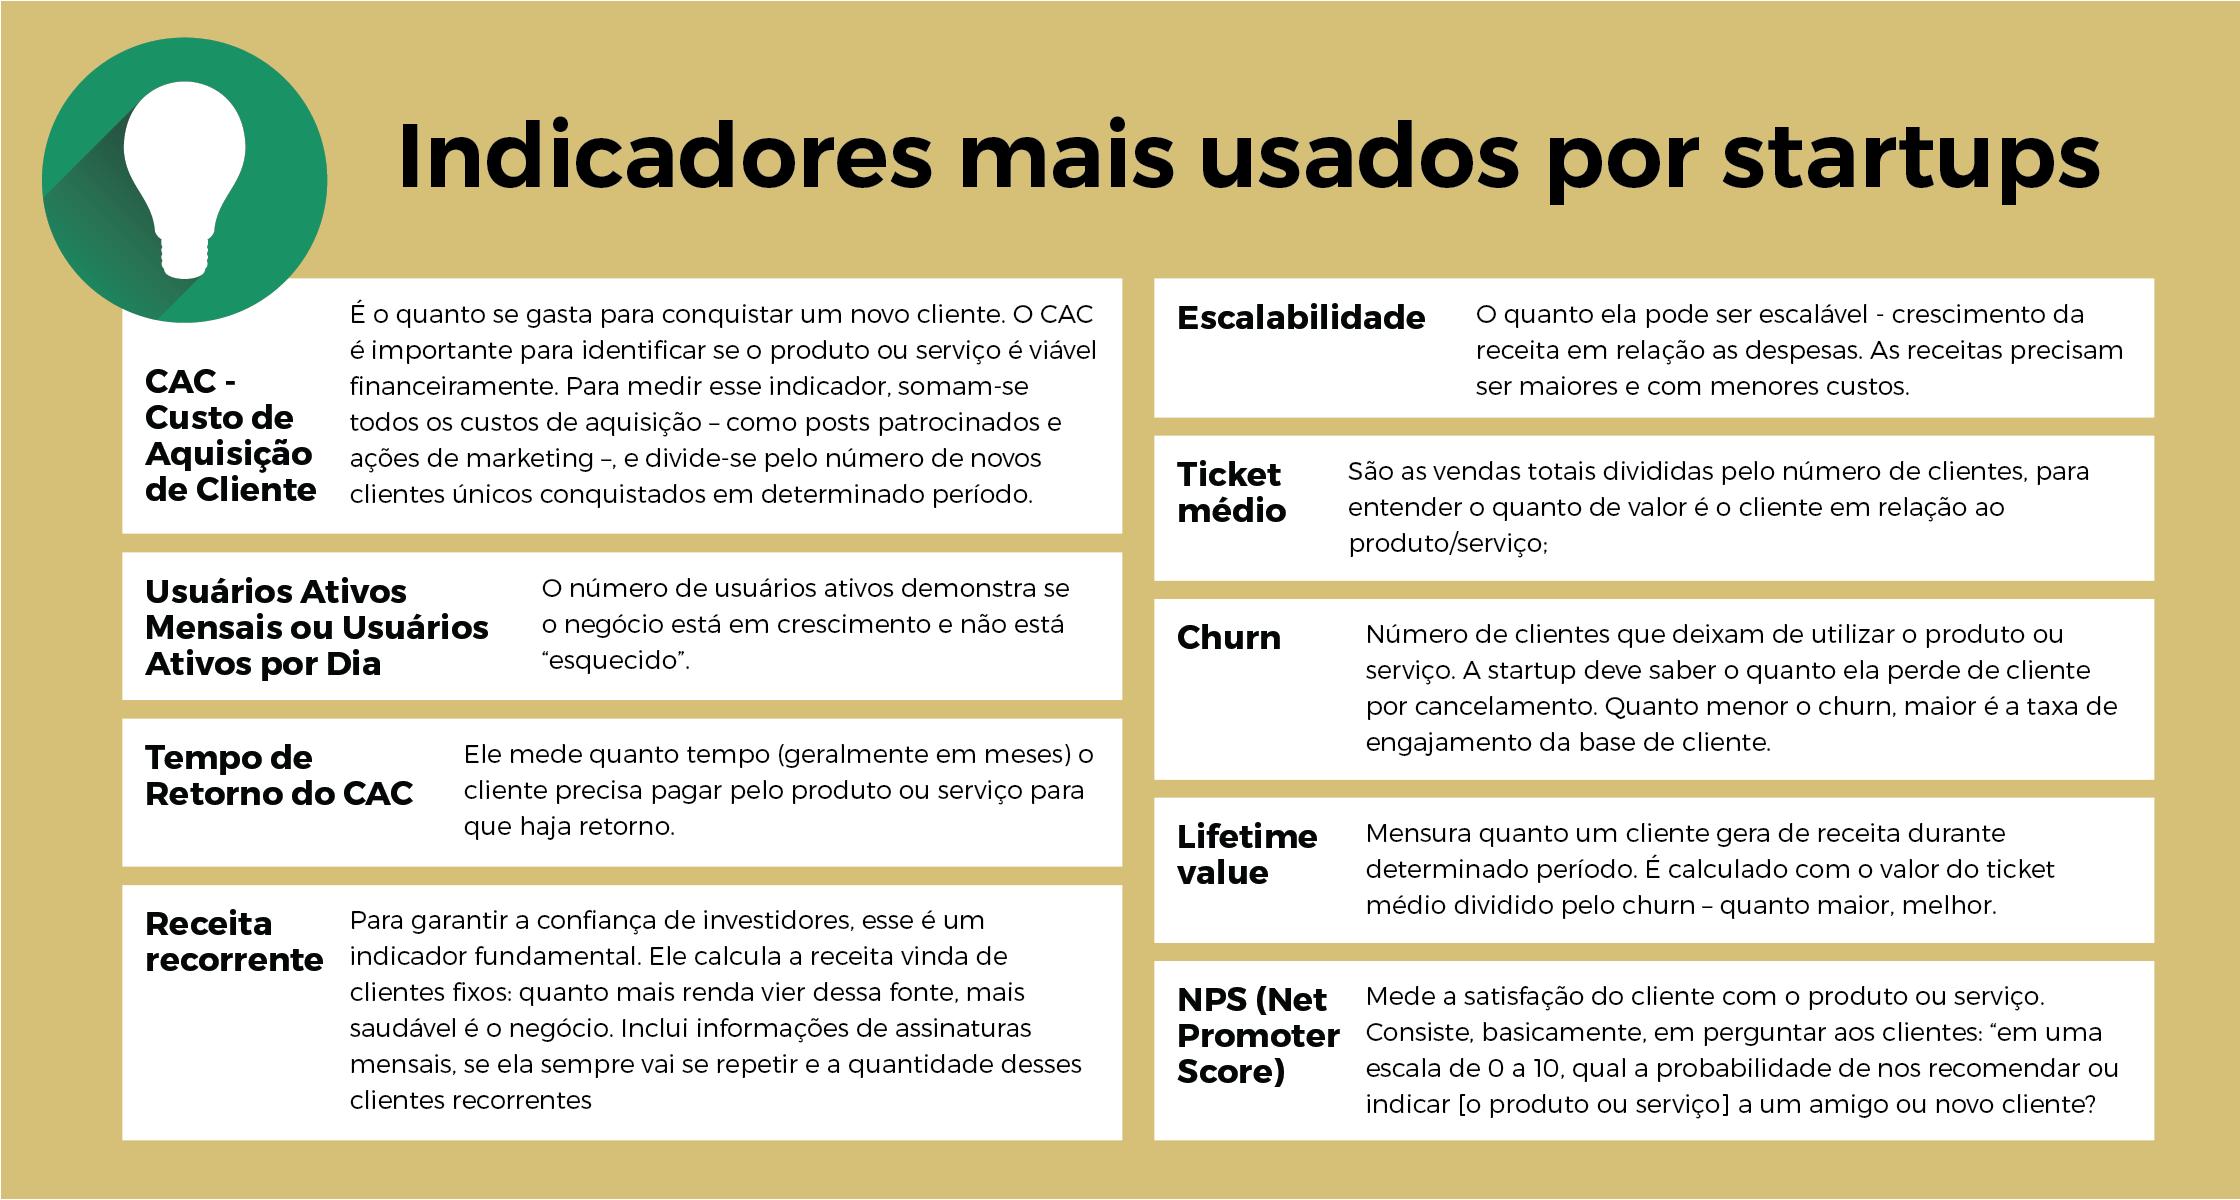 indicadores_mais_usados_por_startups